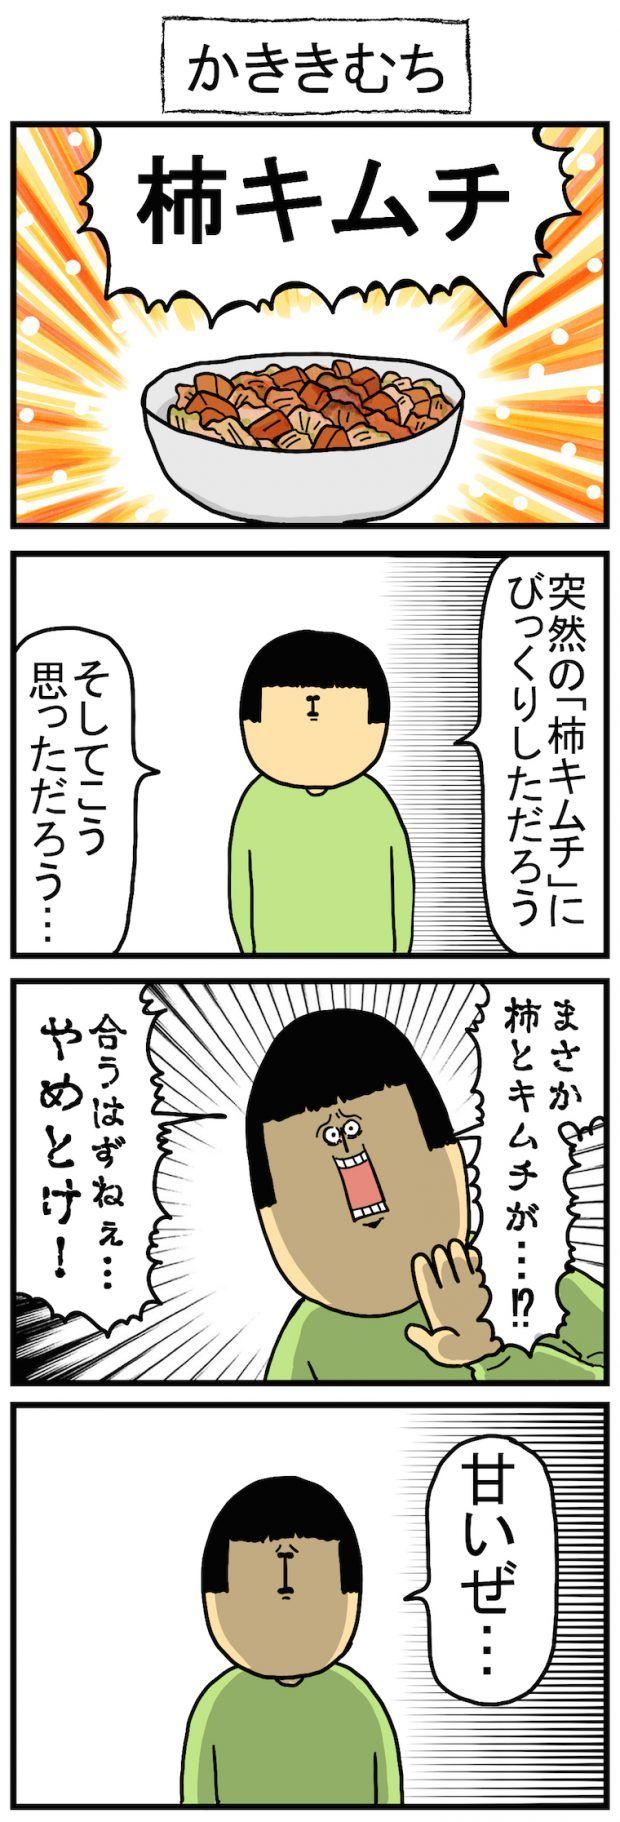 『千歳烏山:とろきち推しの青椒肉絲』by まめぞ …